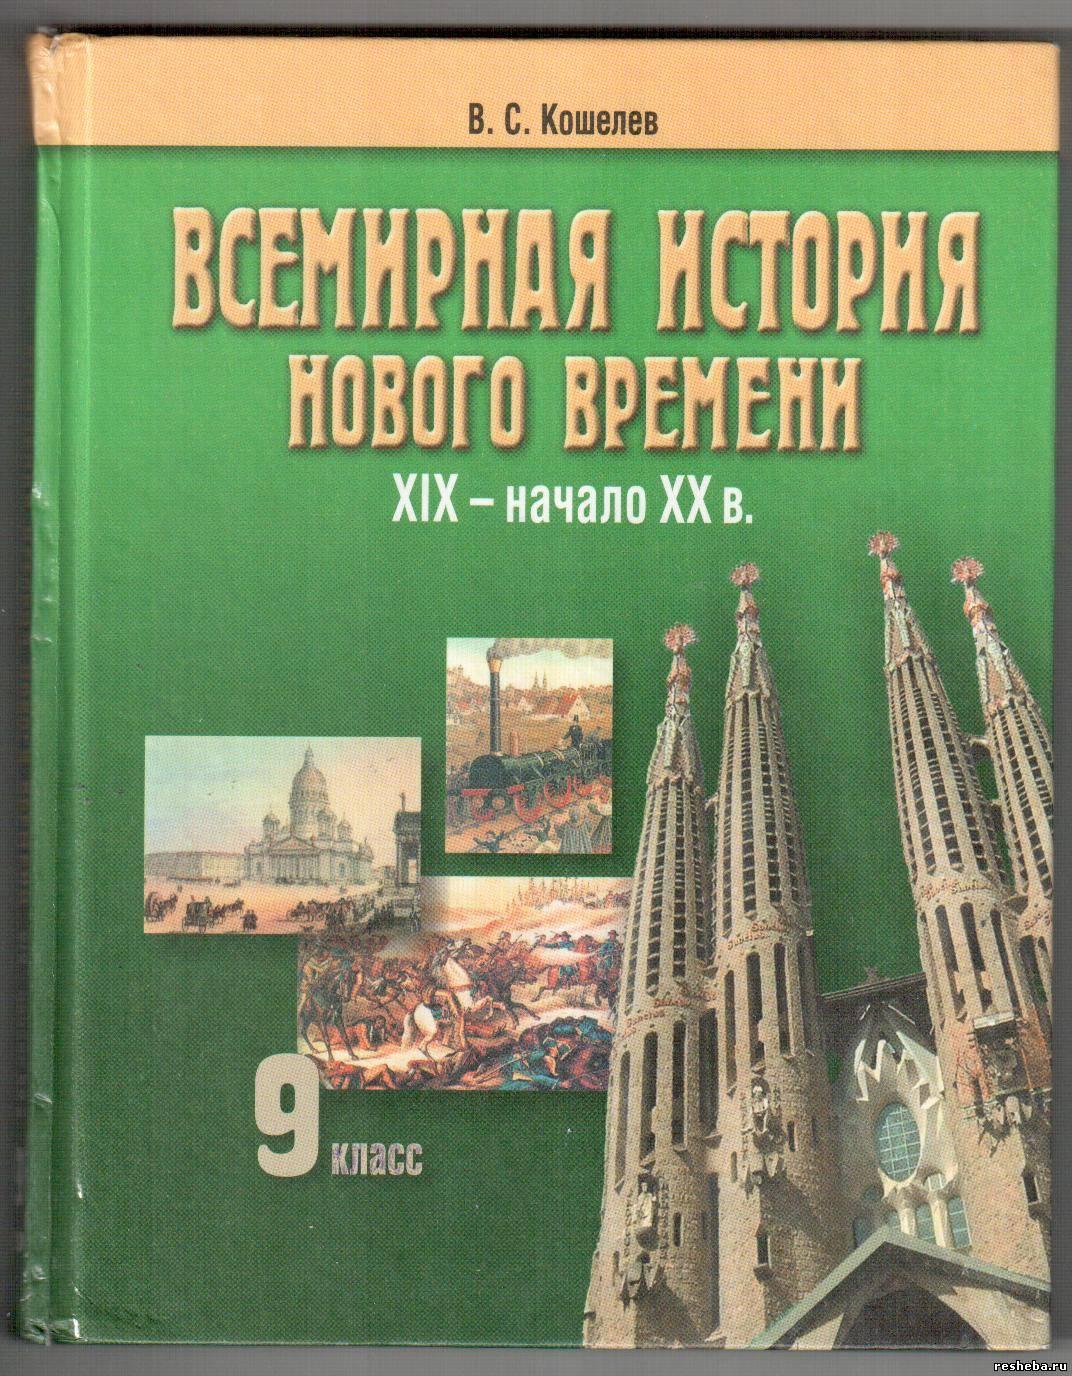 Книга по всемирной истории 9 класс в беларусии